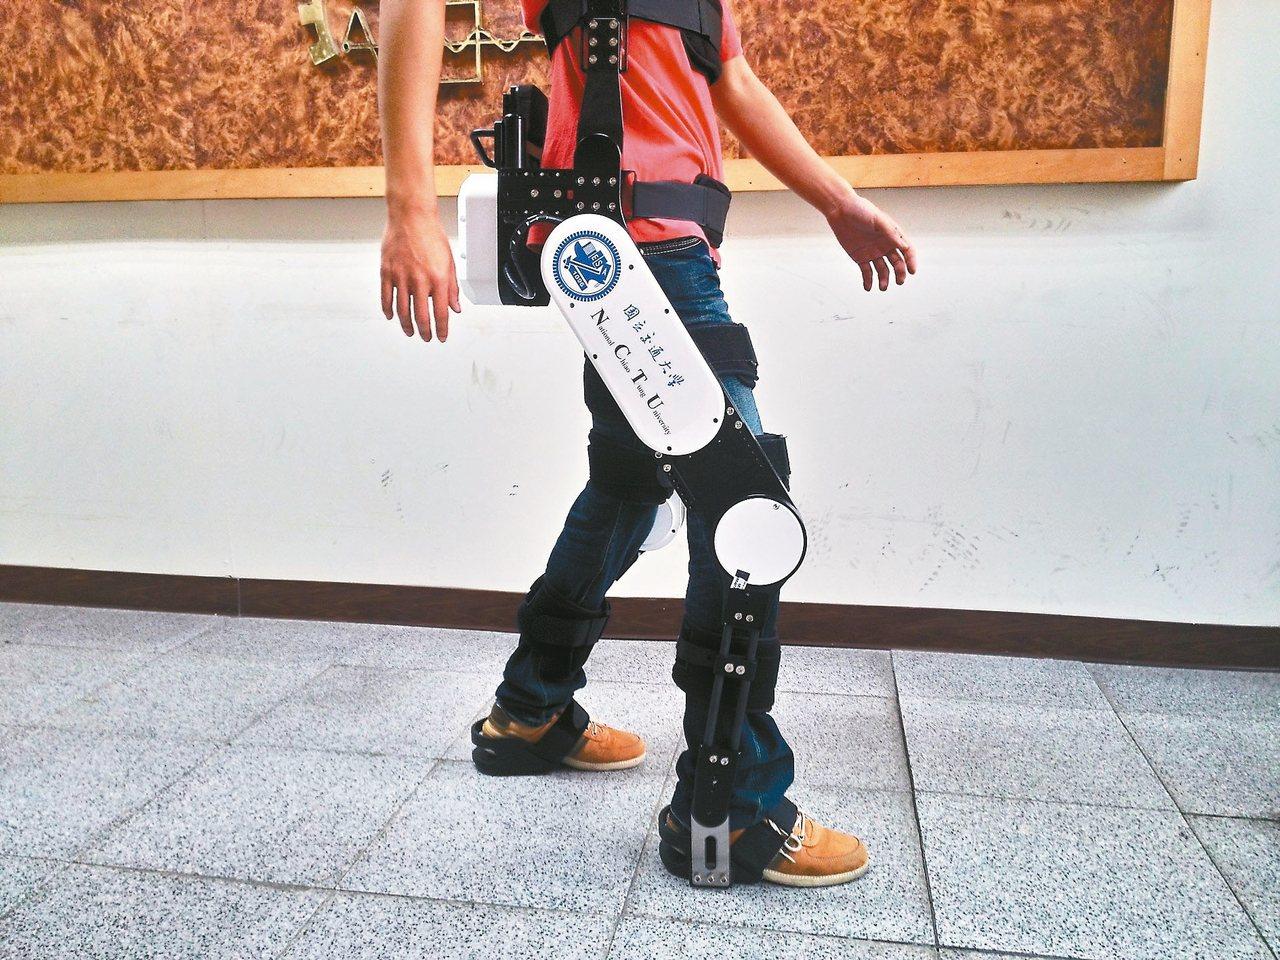 大學育才搶機器人商機,台、成、交、清大等甚至有專門碩士學位學程。 圖/交通大學提...